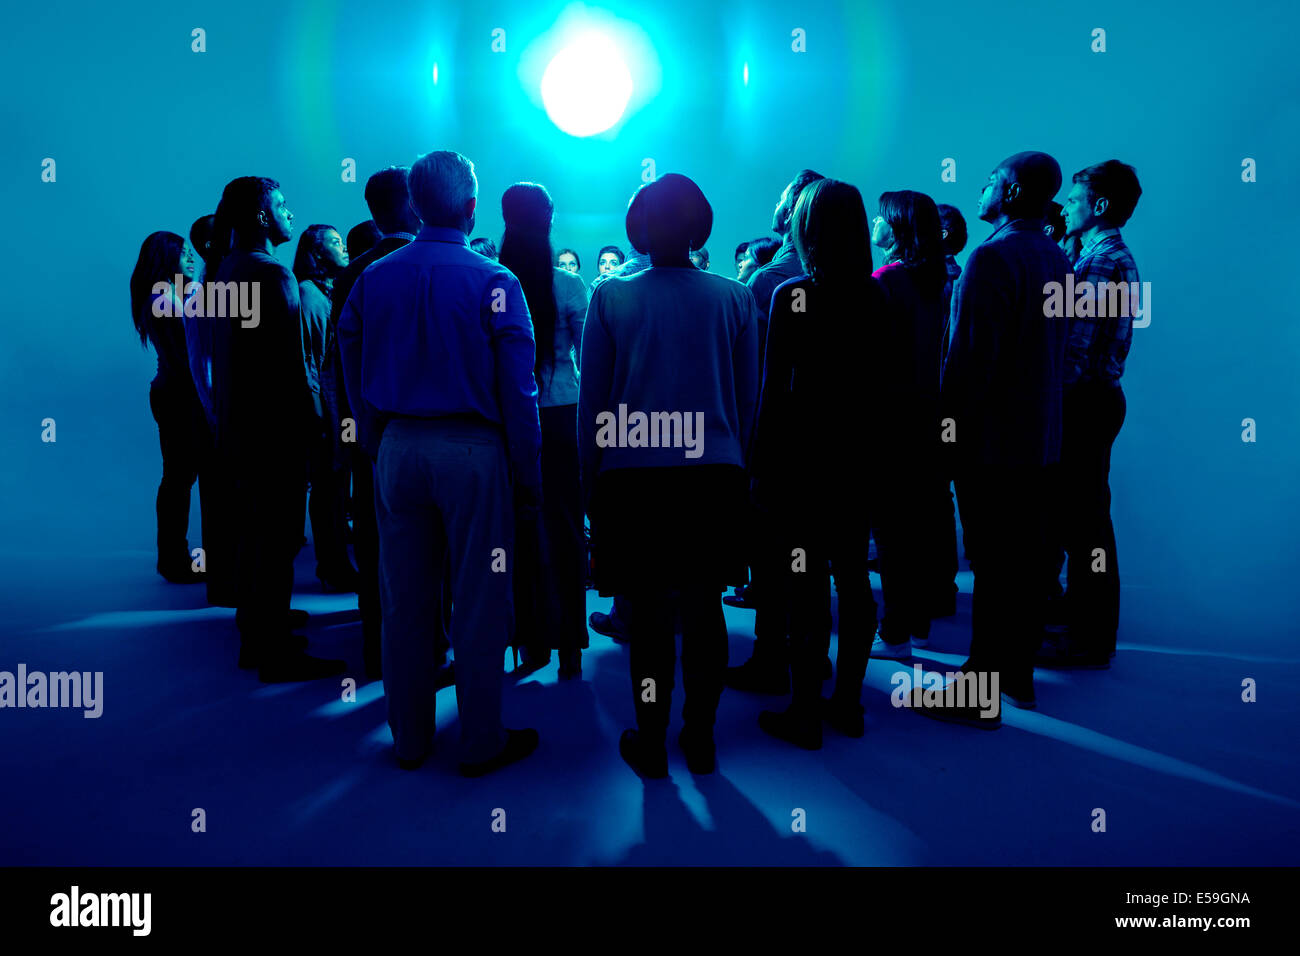 Multitud de pie alrededor de la luz brillante Imagen De Stock